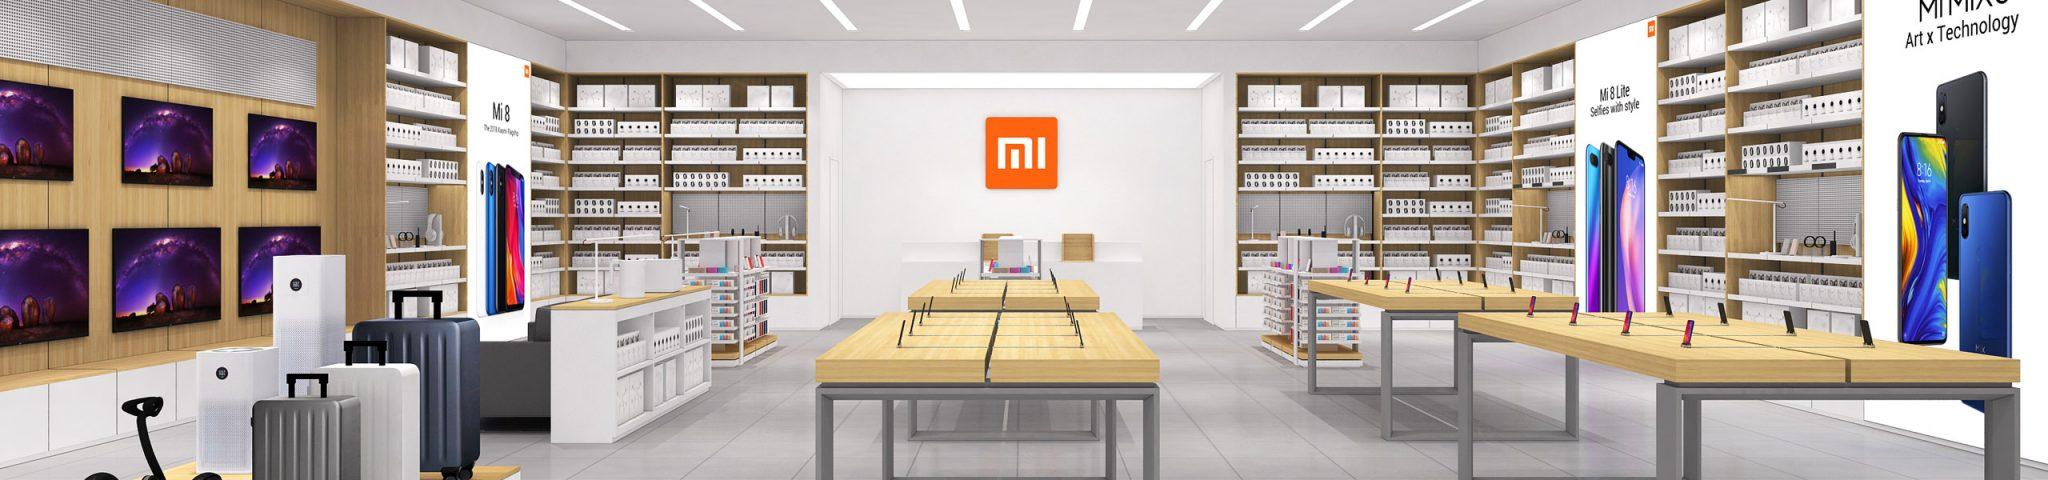 Xiaomi apre un nuovo Mi Store a Roma  e lancia nuove offerte sottocosto